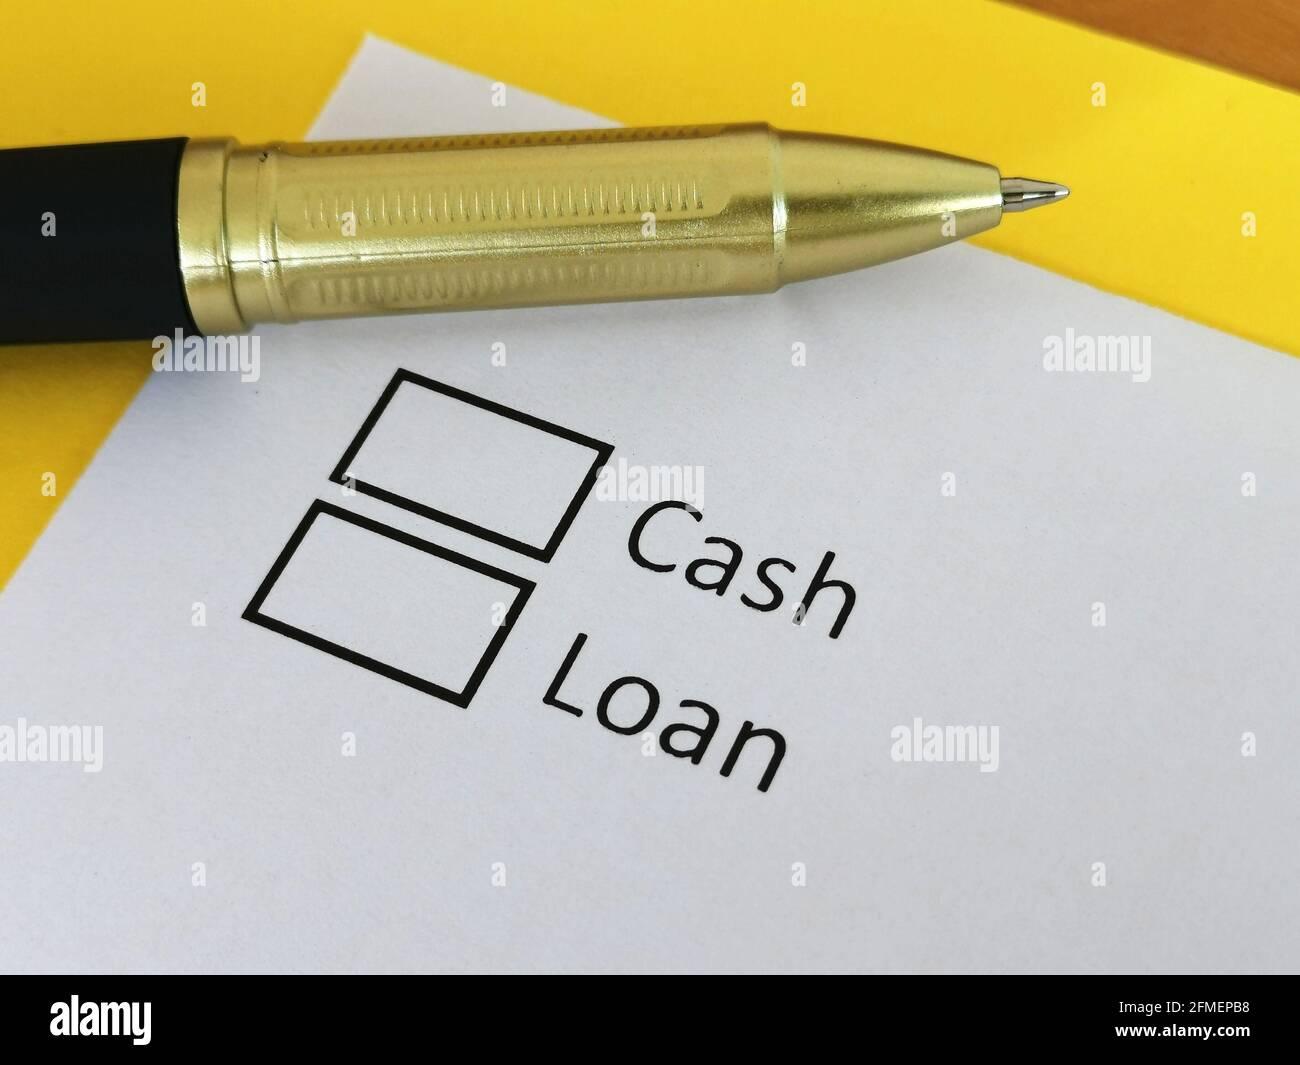 Una persona está respondiendo a la pregunta acerca de comprar con dinero en efectivo o préstamo. Foto de stock